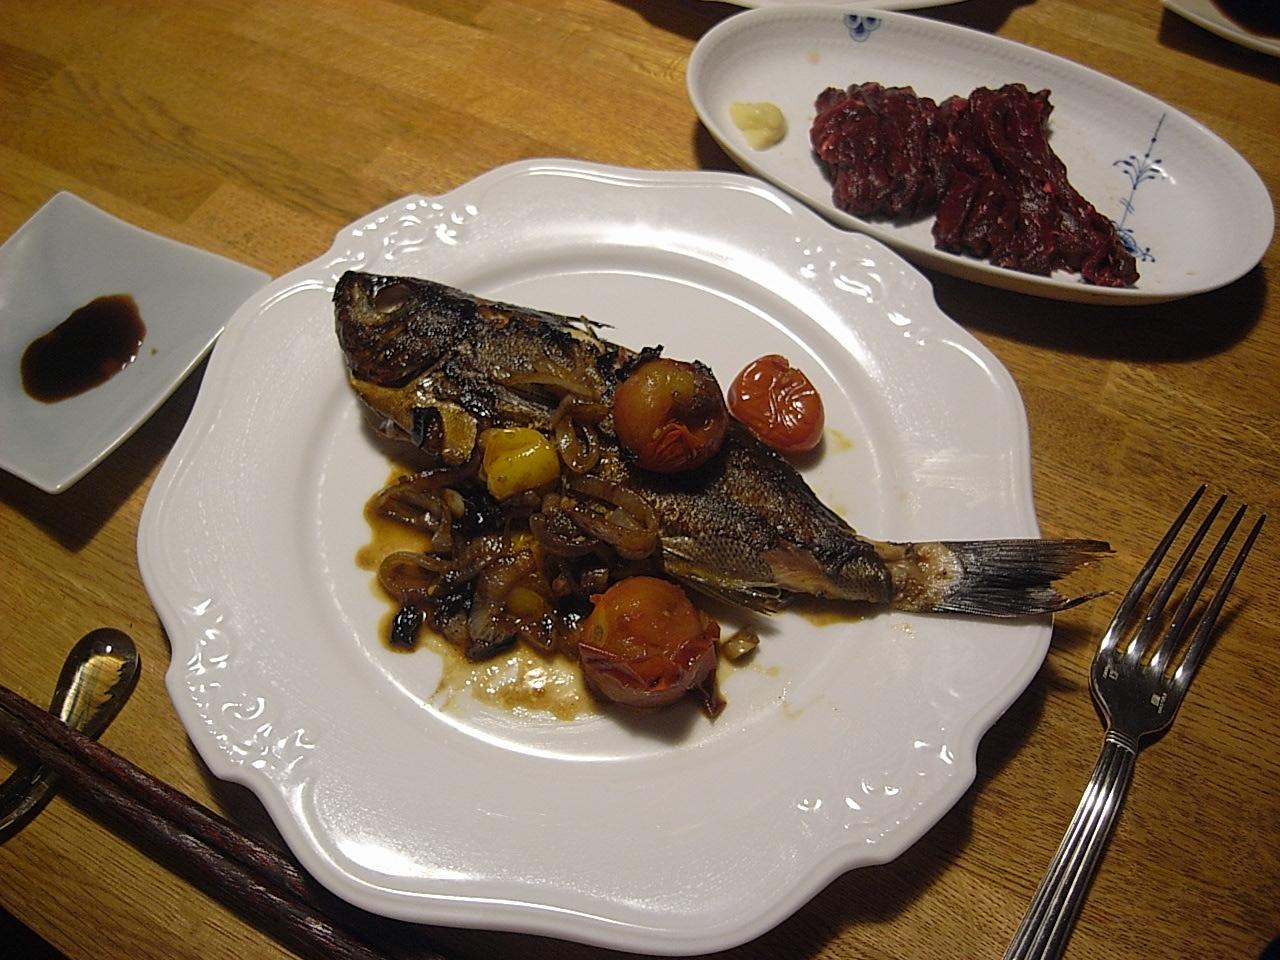 夕飯はいさきのソテーとムール貝の入ったショートパスタ。_e0230090_22331480.jpg